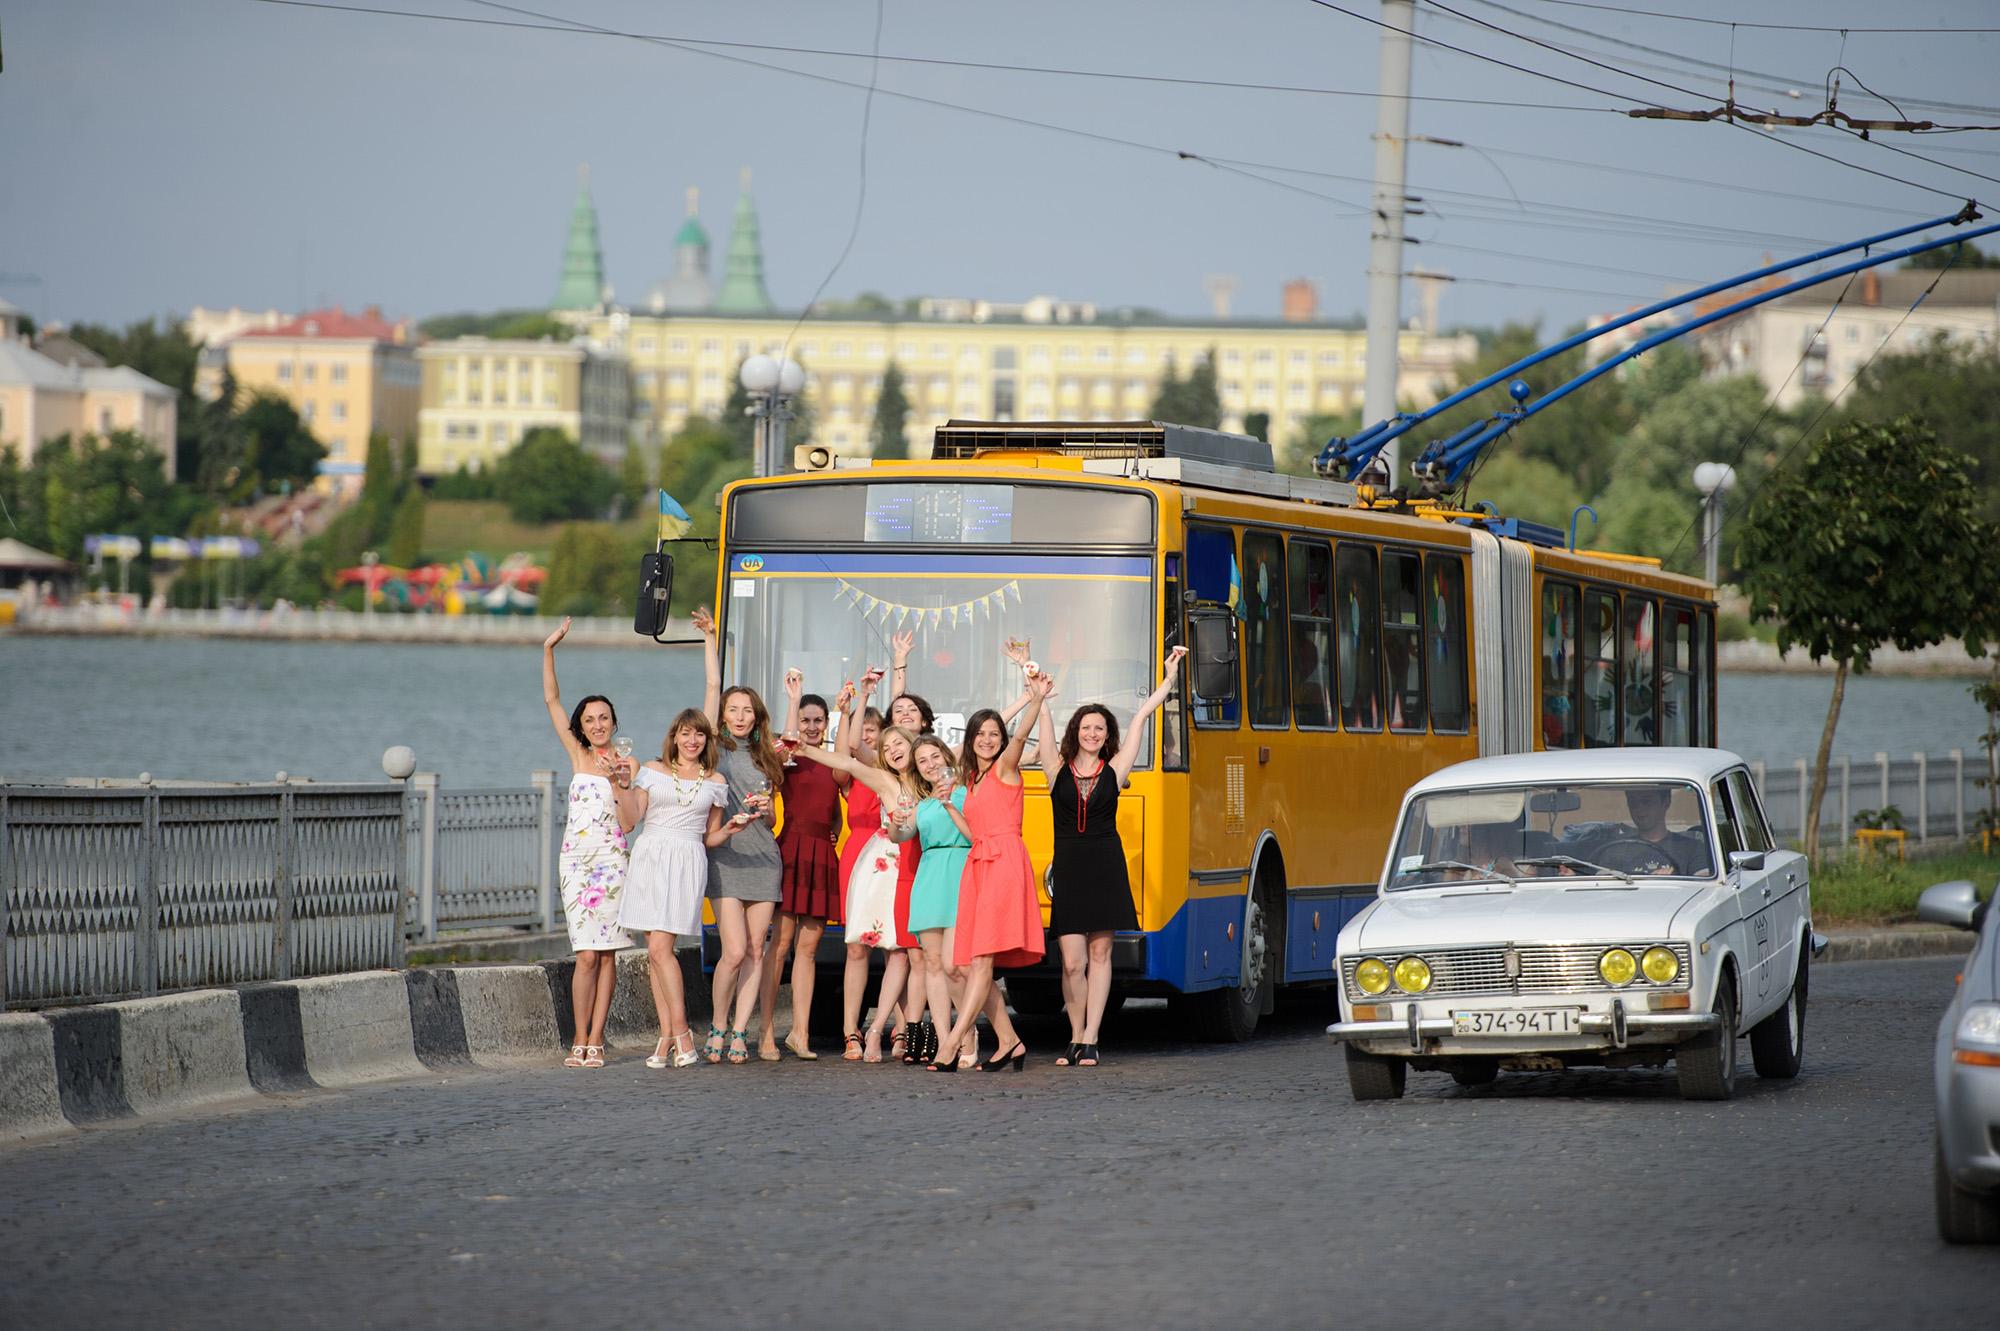 Дівчаче шаленство у «Тролейбусі щастя»